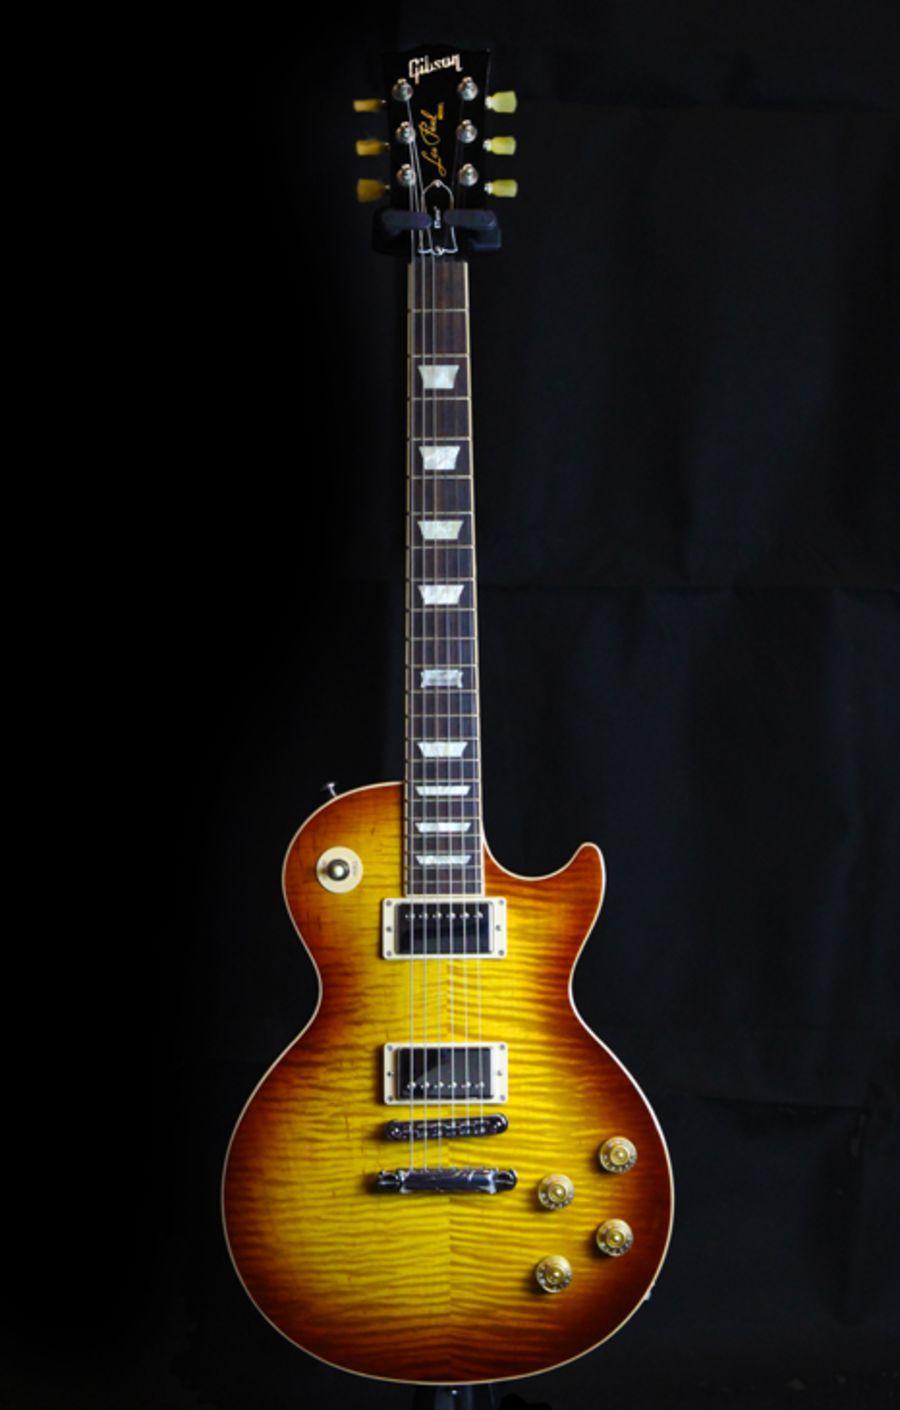 2014 Gibson Les Paul Standard - Honet Burst